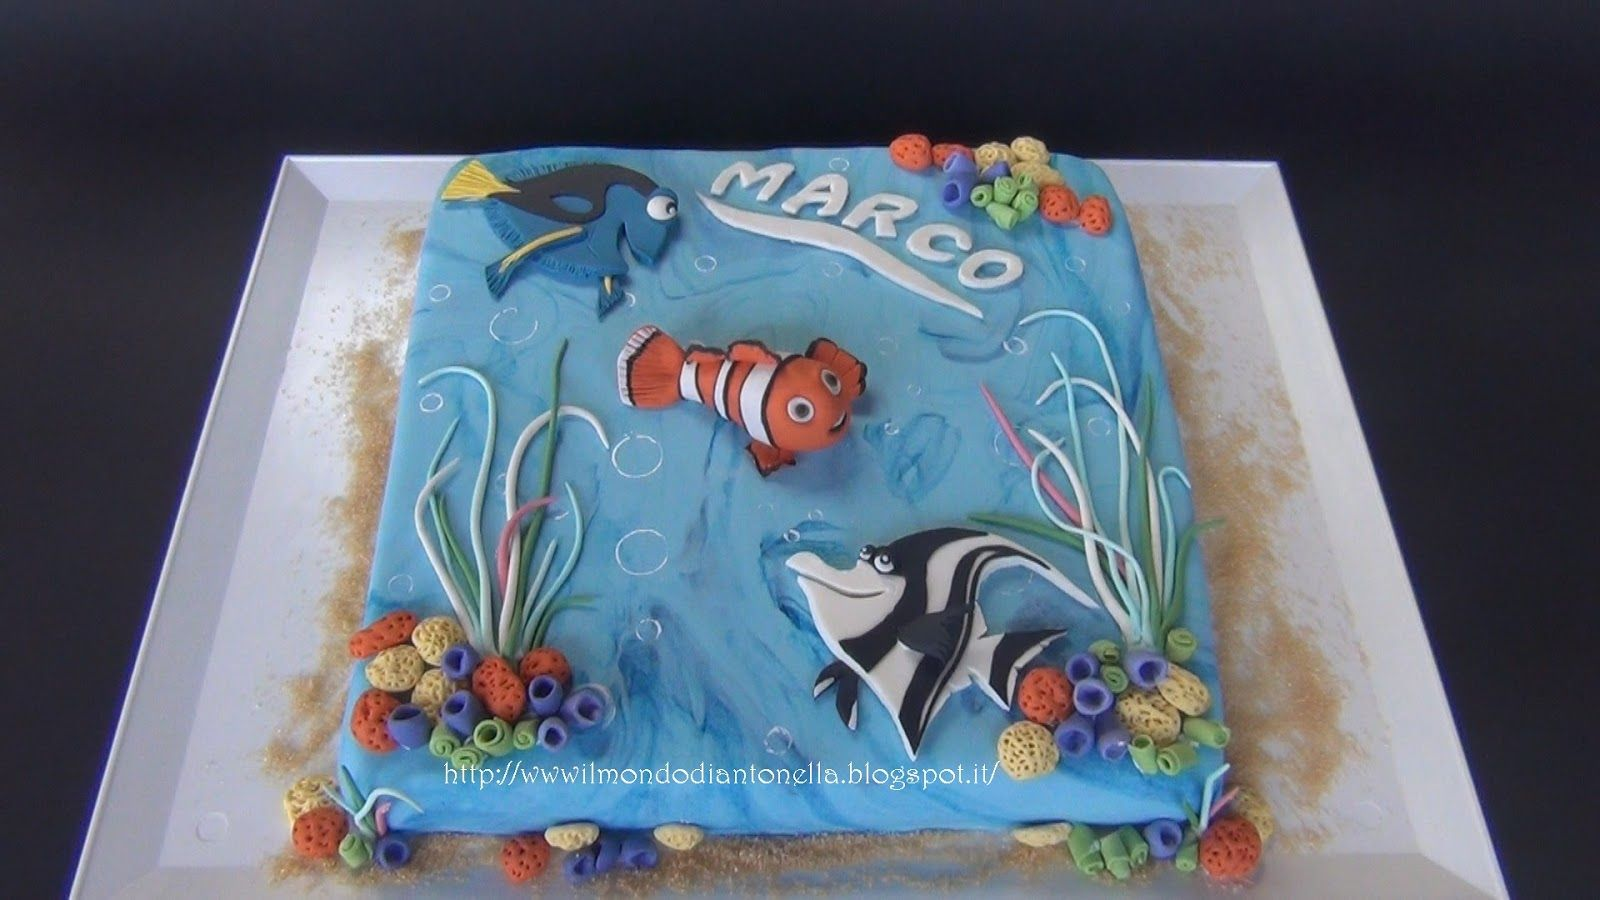 torta topolino 2d - Cerca con Google